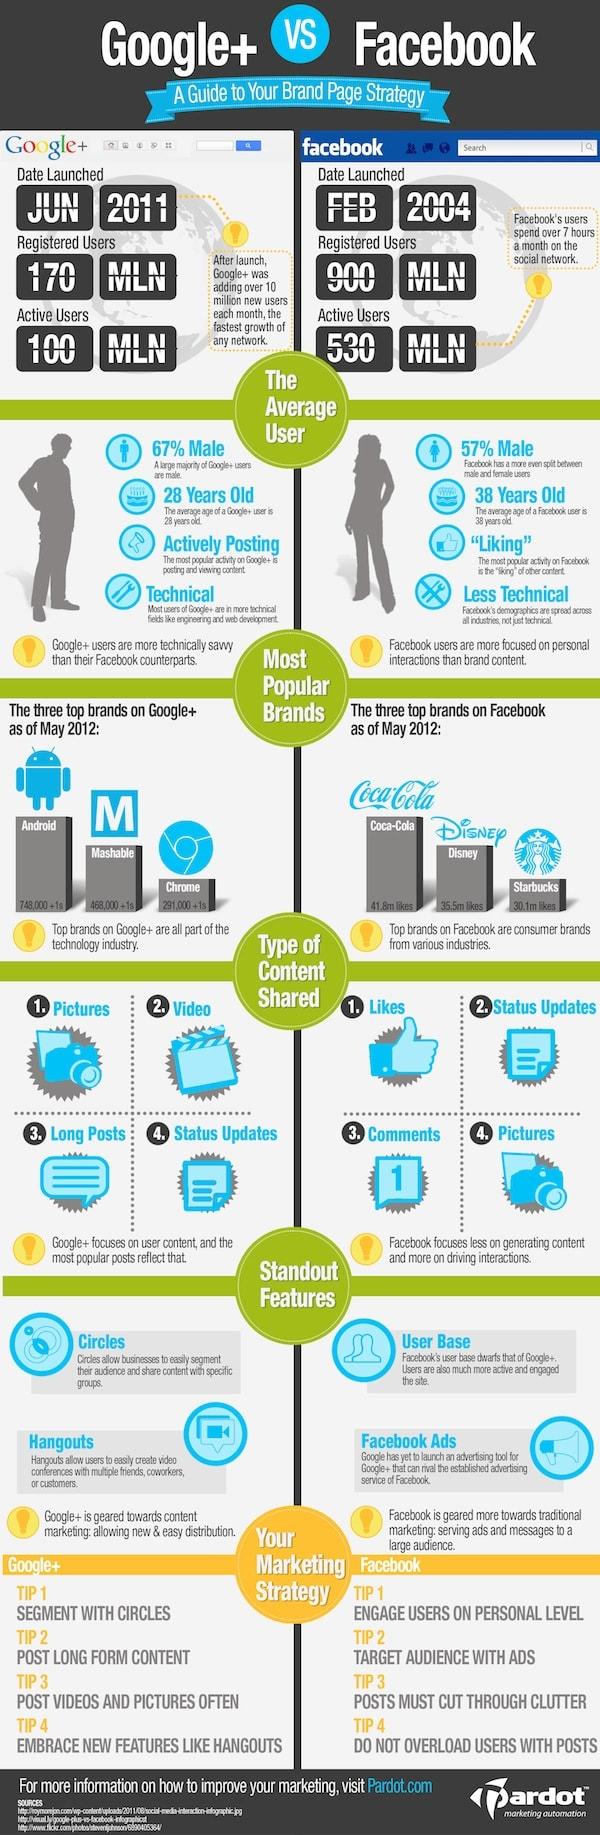 Google Plus Infographic - Google+ vs Facebook